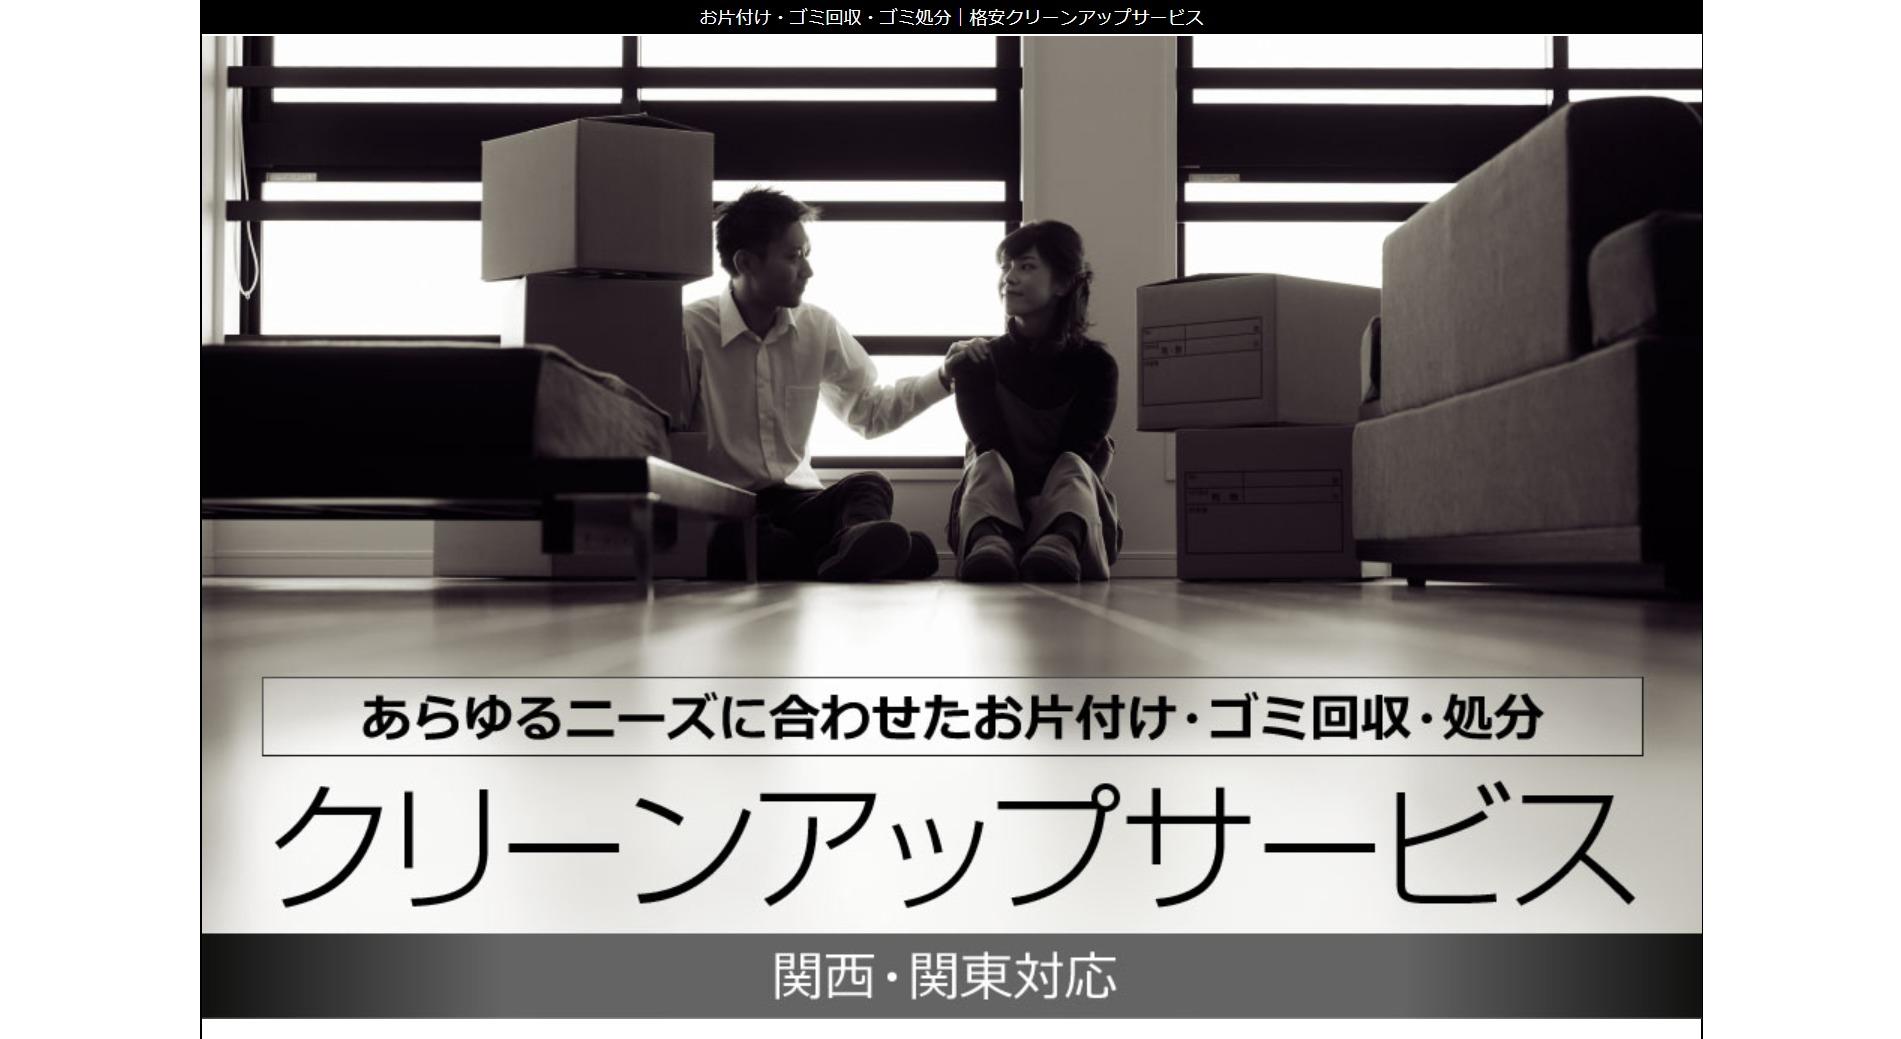 らくらくお片付けサービス(大阪府大阪市平野区)